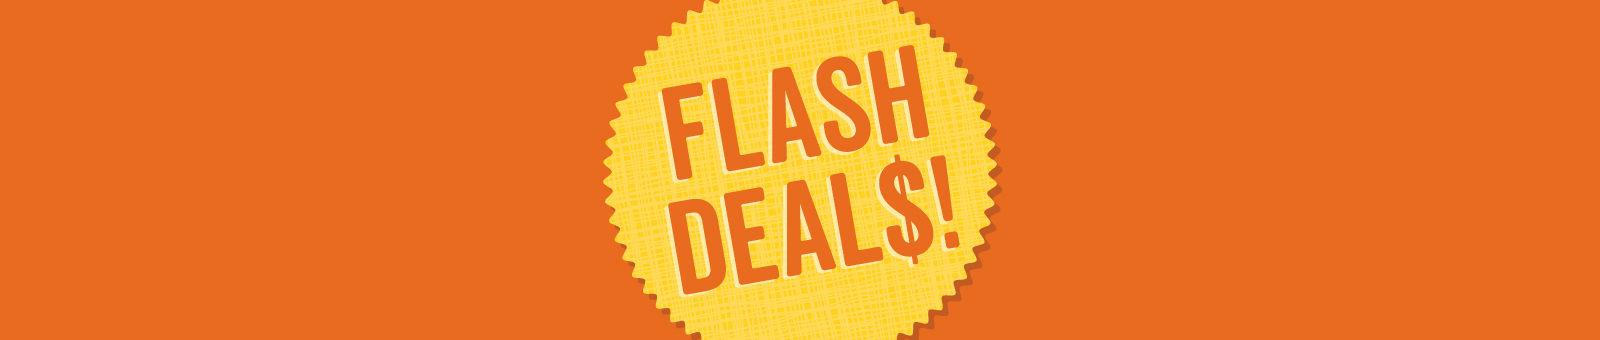 Flash Deals Twin Cities Co Op Partners